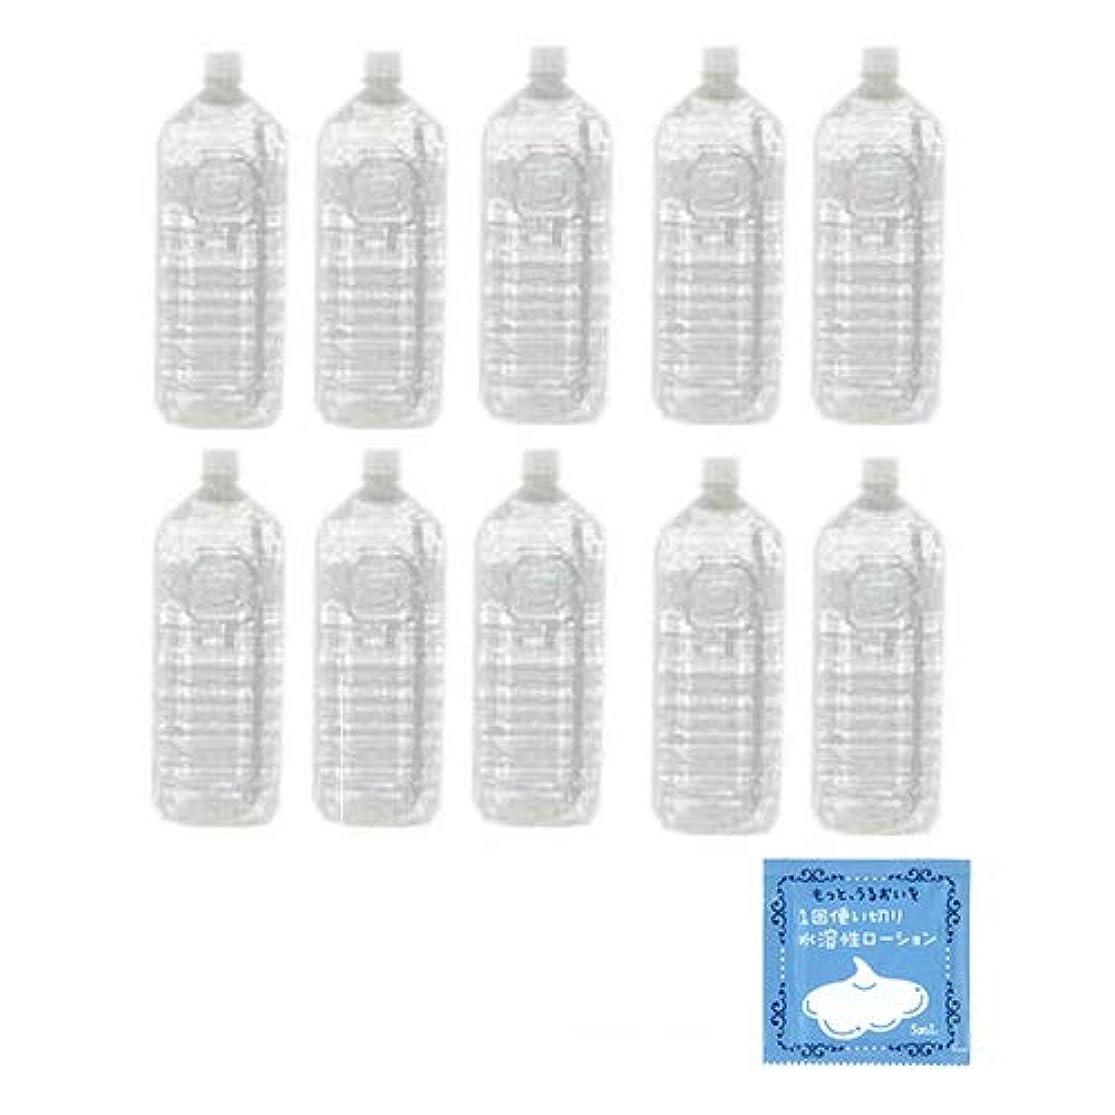 キャップ暗くするとんでもないクリアローション 2Lペットボトル ハードタイプ(5倍濃縮原液) × 10本セット+ 1回使い切り水溶性潤滑ローション